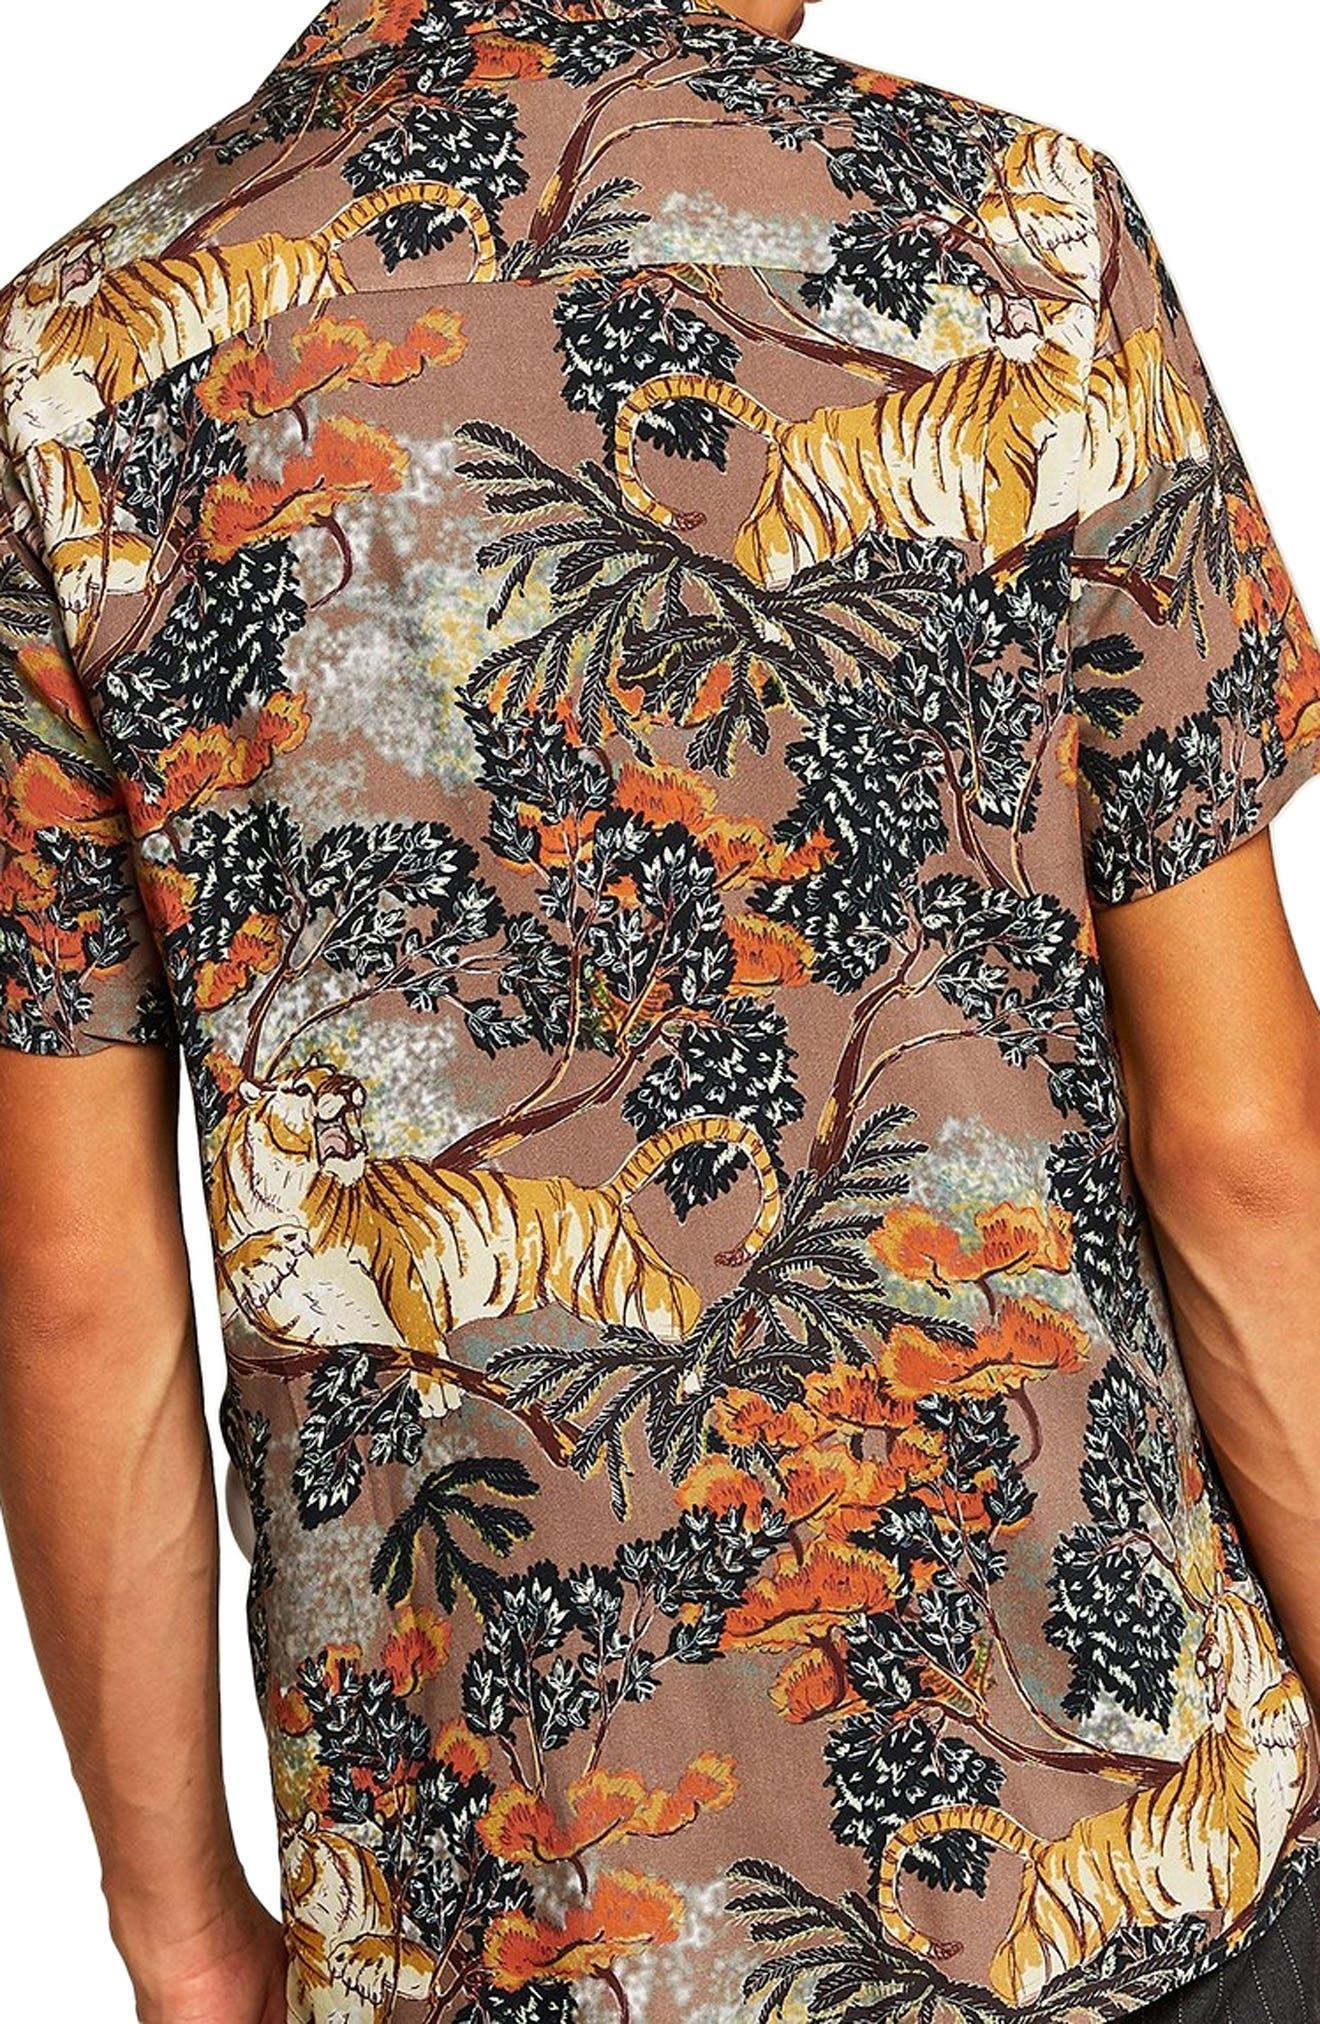 Suburb Tiger Print Shirt,                             Alternate thumbnail 3, color,                             800